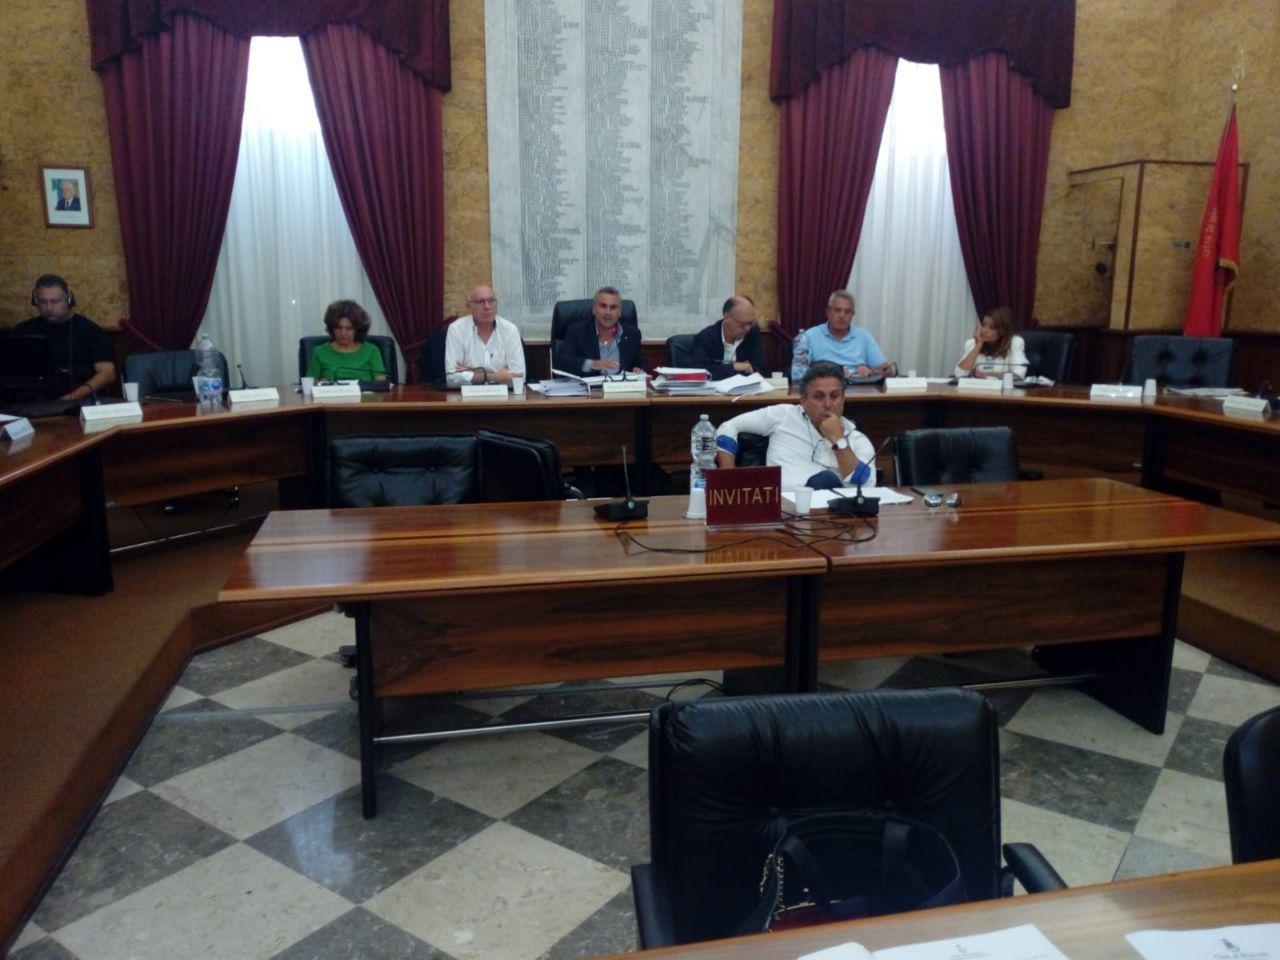 Ex precari e canile municipale al centro del dibattito in Consiglio comunale